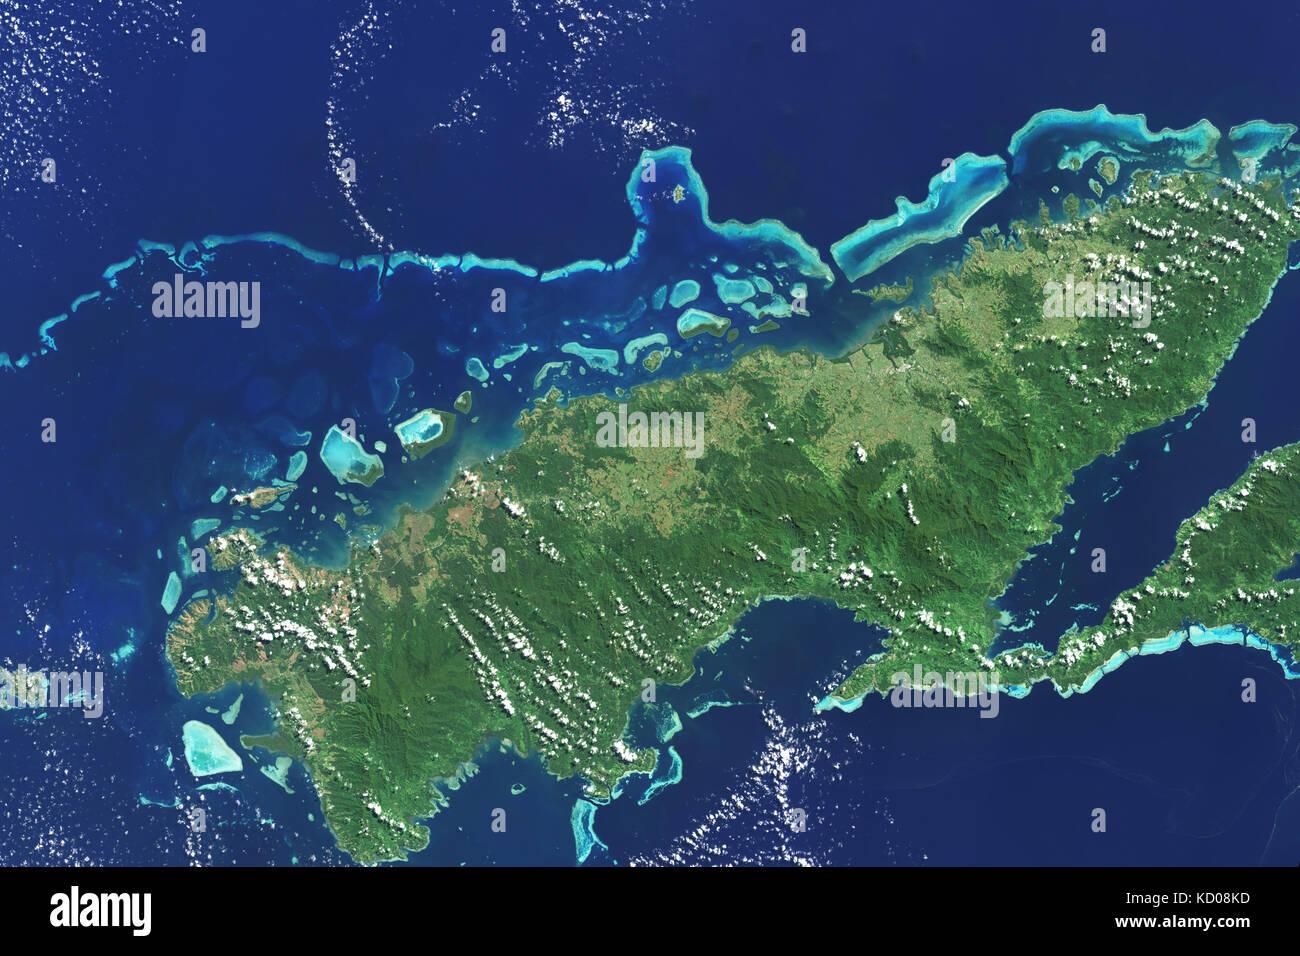 Immagine satellitare della estese barriere coralline sulla sponda Nord di Vanua Levu, isole Figi è la seconda Immagini Stock